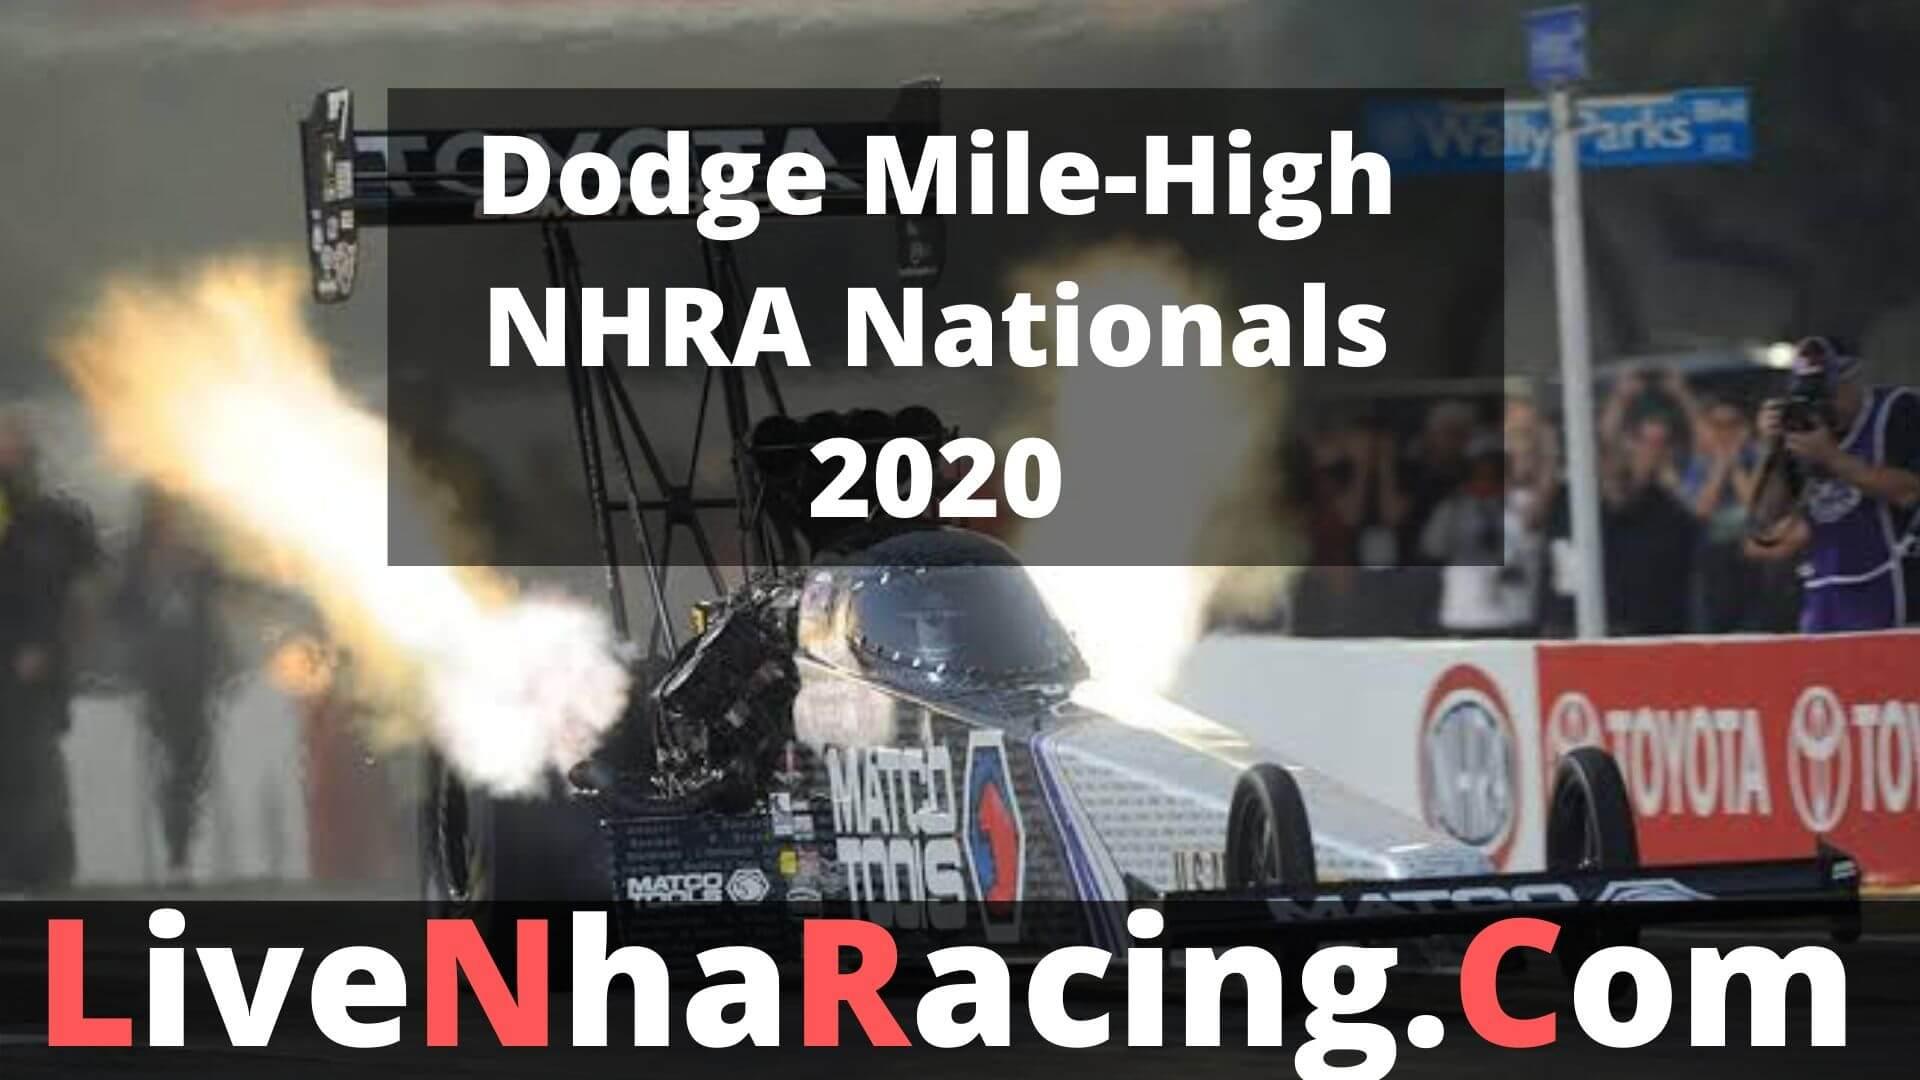 Dodge Mile-High NHRA Nationals - Finals Live Stream